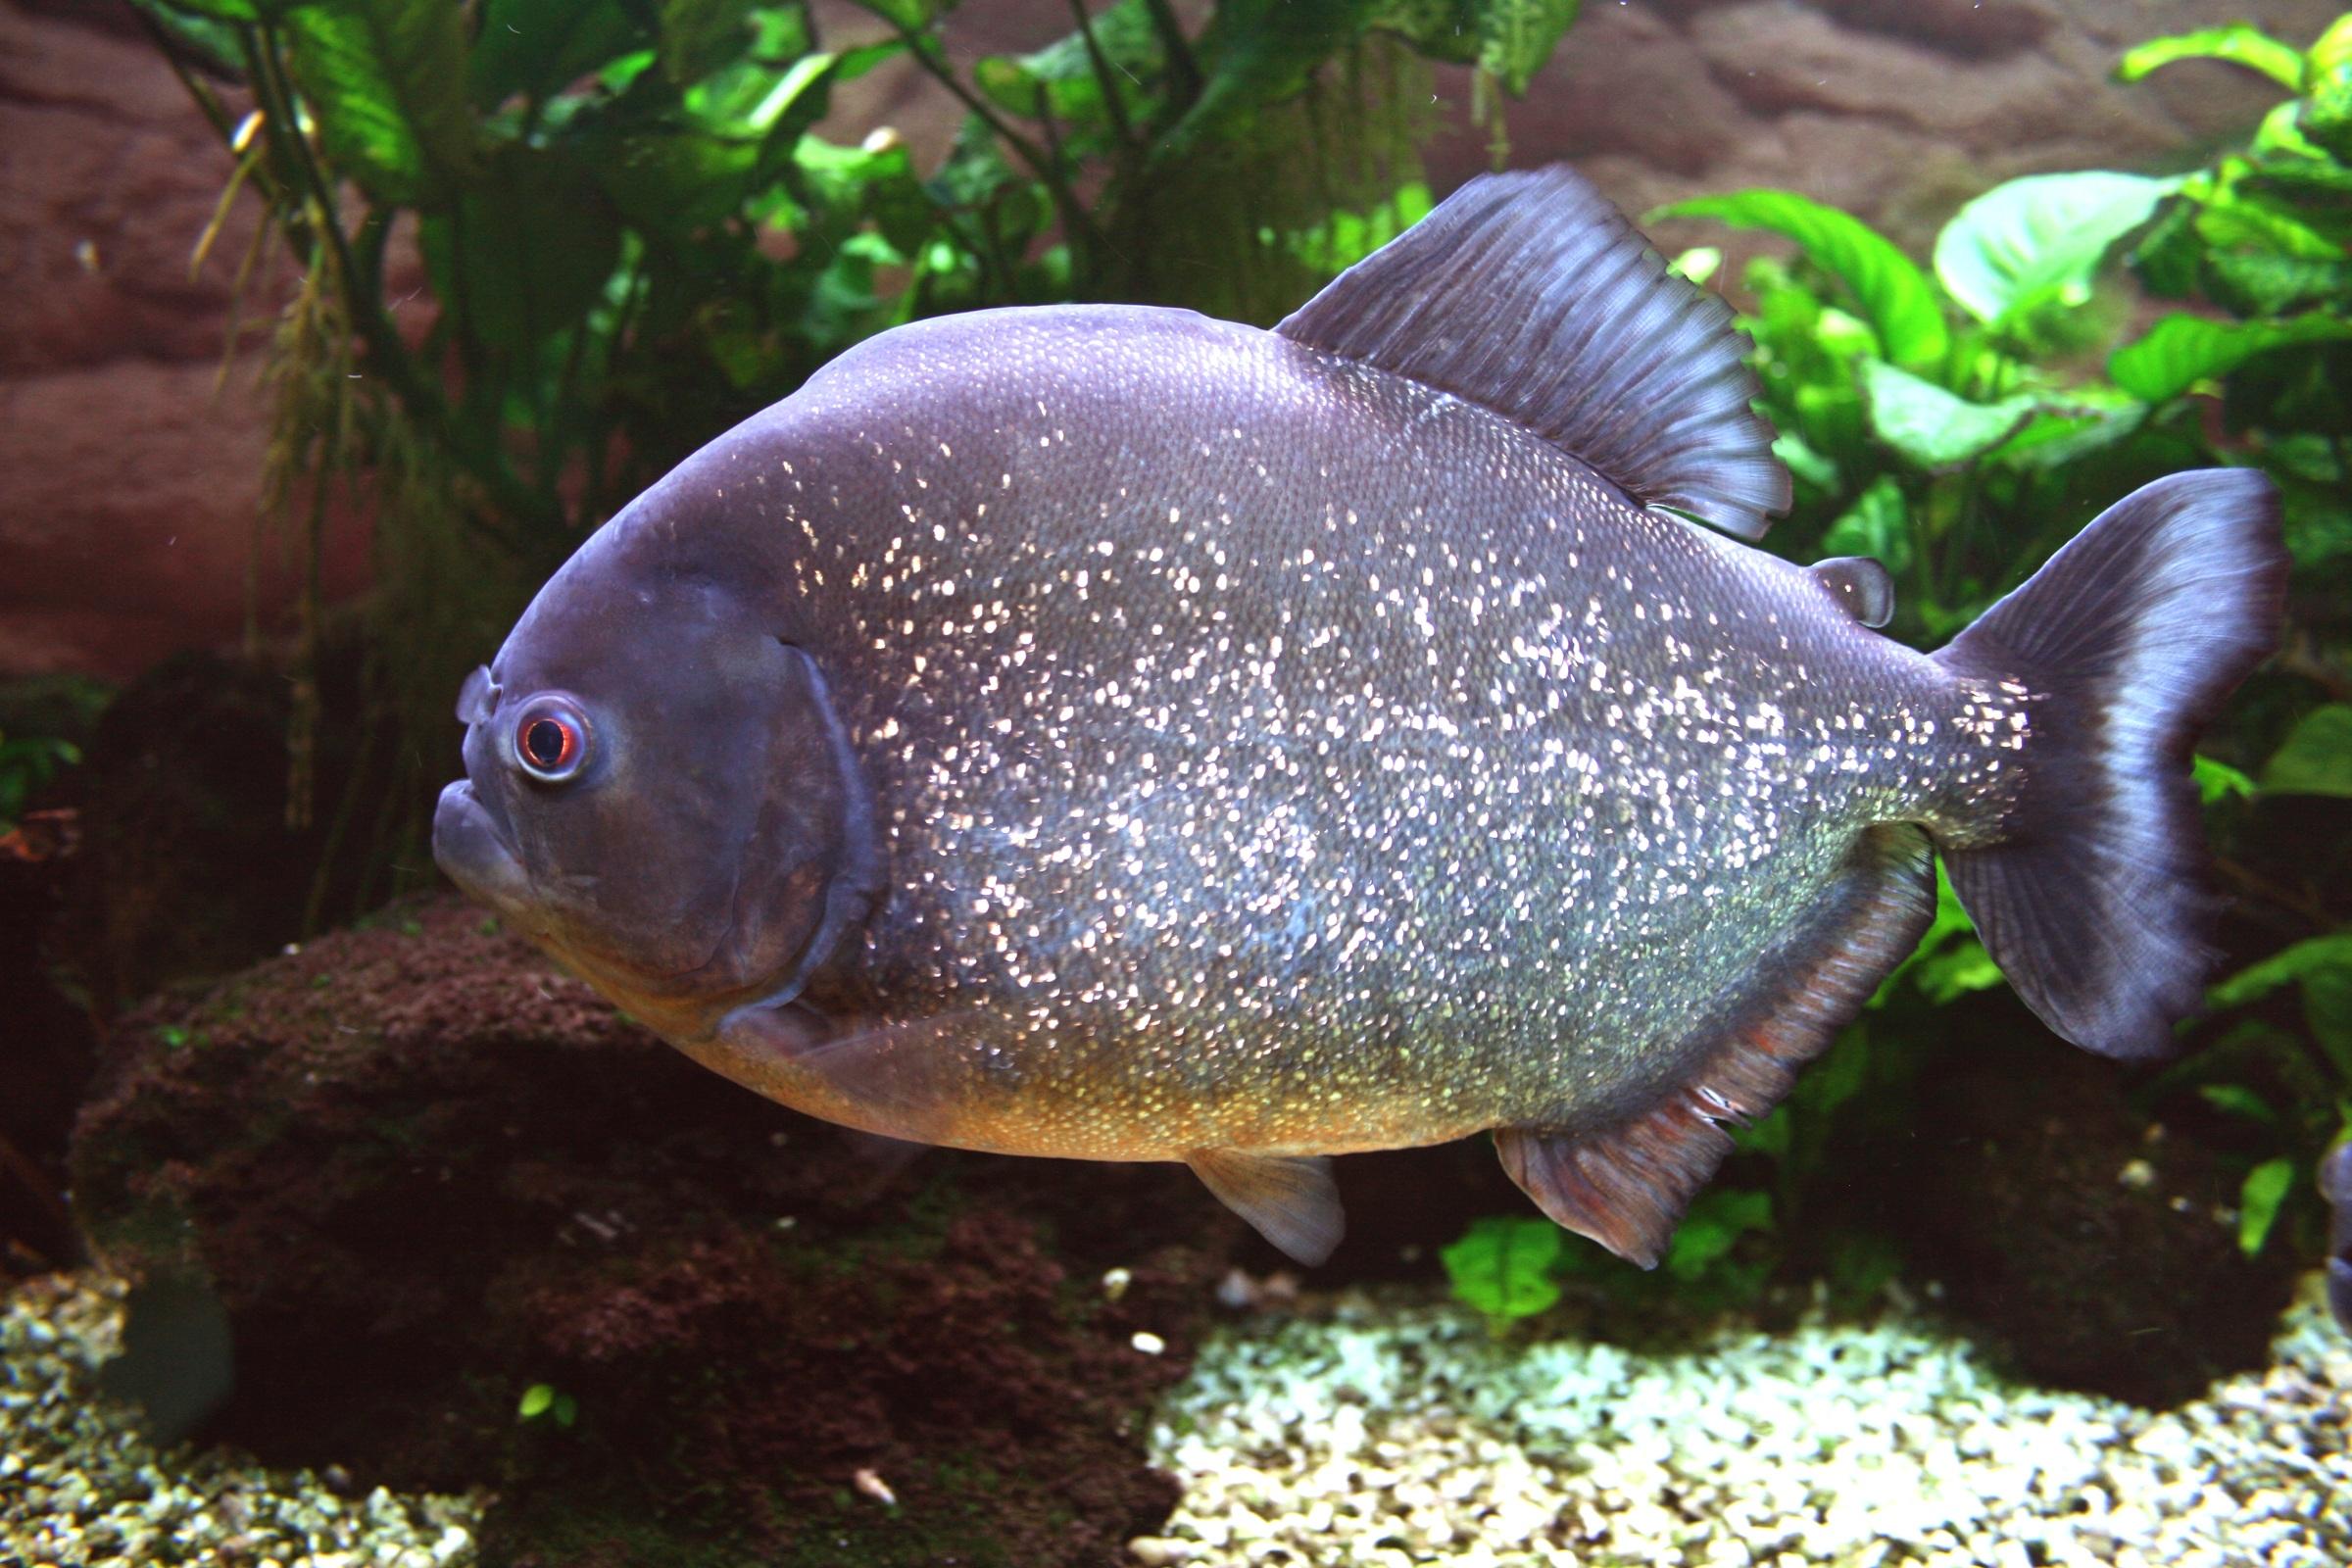 kostenlose foto unterwasser tropisch biologie raubtier fisch fauna schwimmen riff. Black Bedroom Furniture Sets. Home Design Ideas